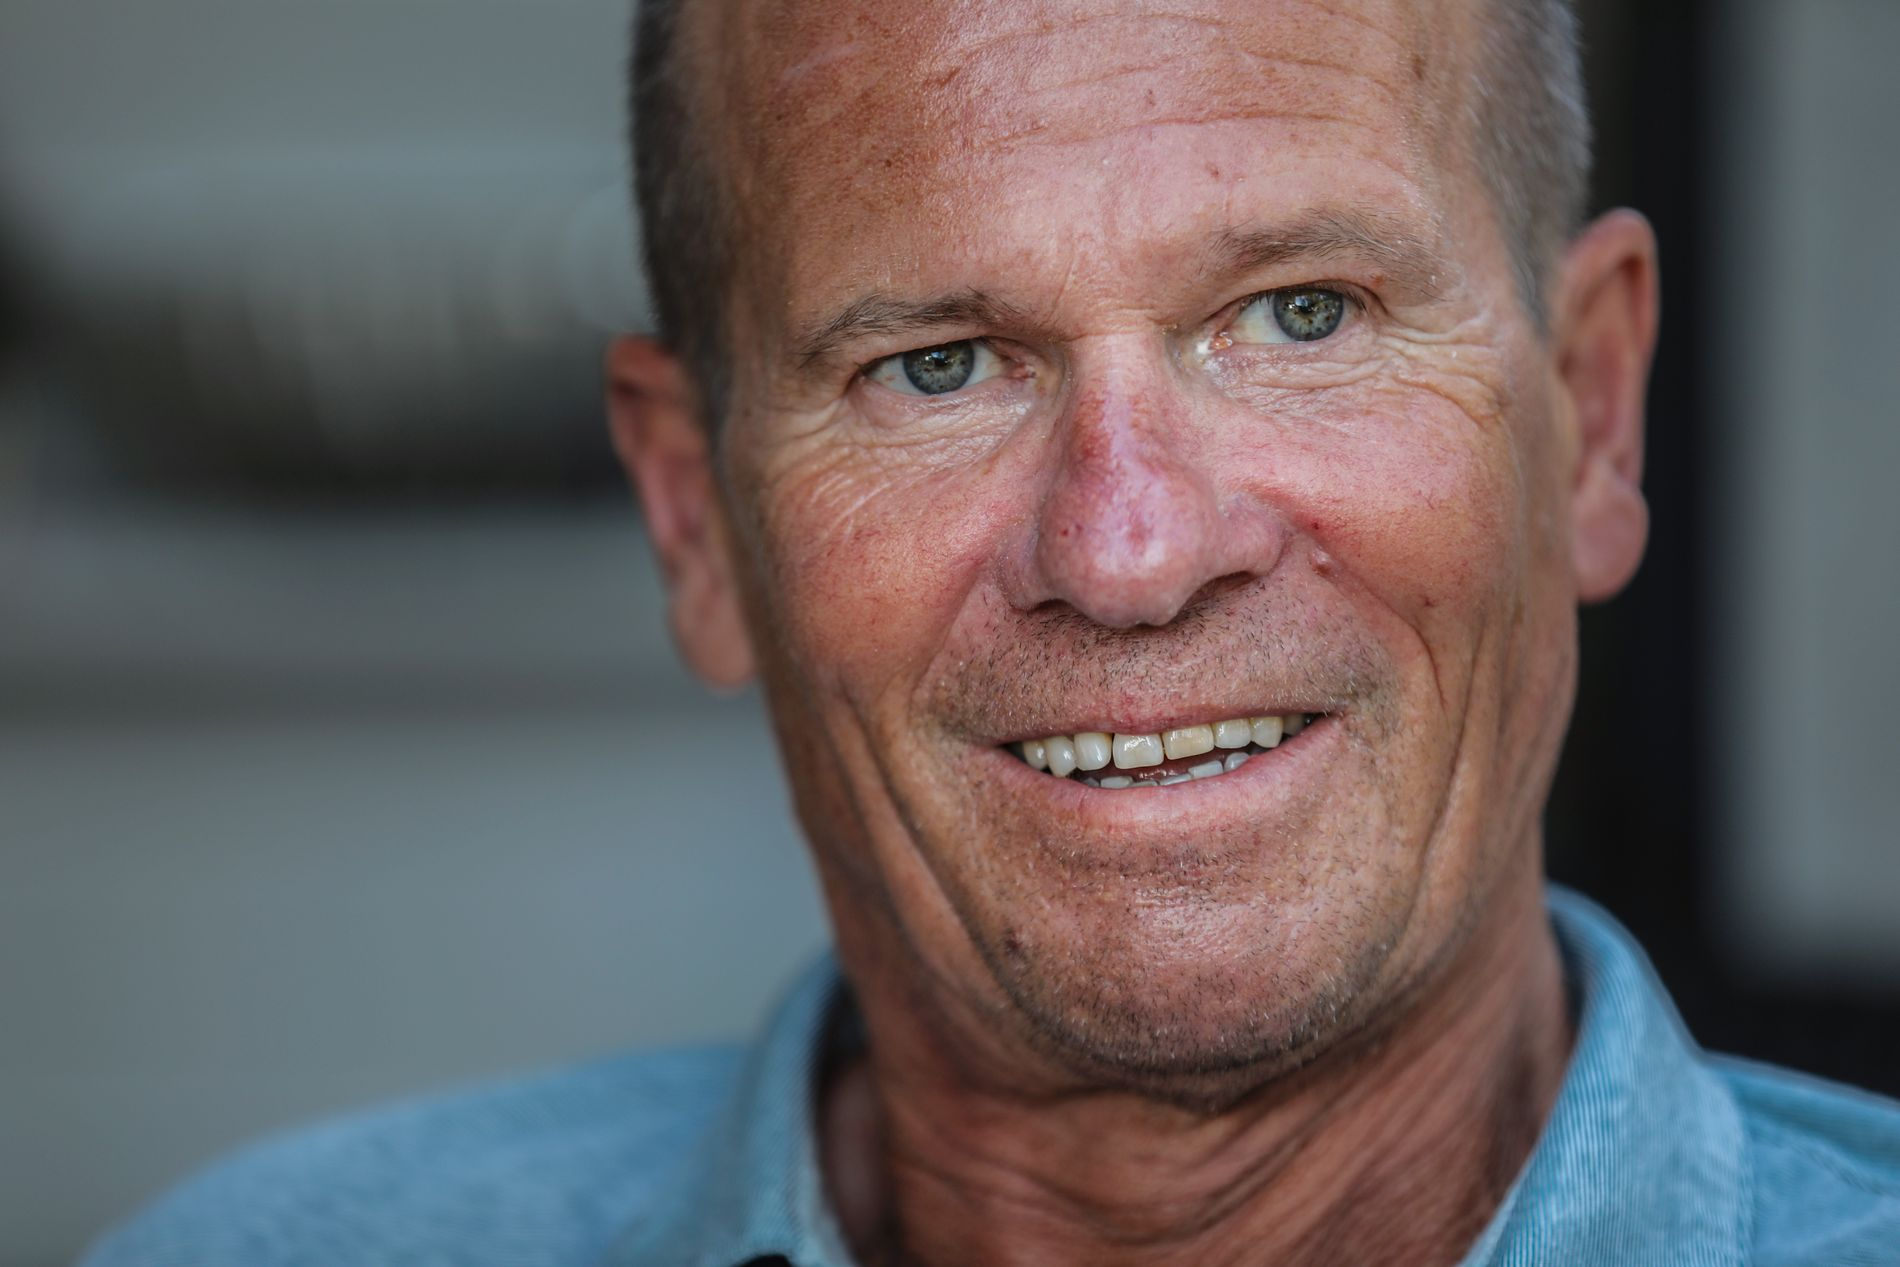 OPTIMISTISK: Johnny Larsåsen merker at medisinen Edaravone har god effekt på ham.